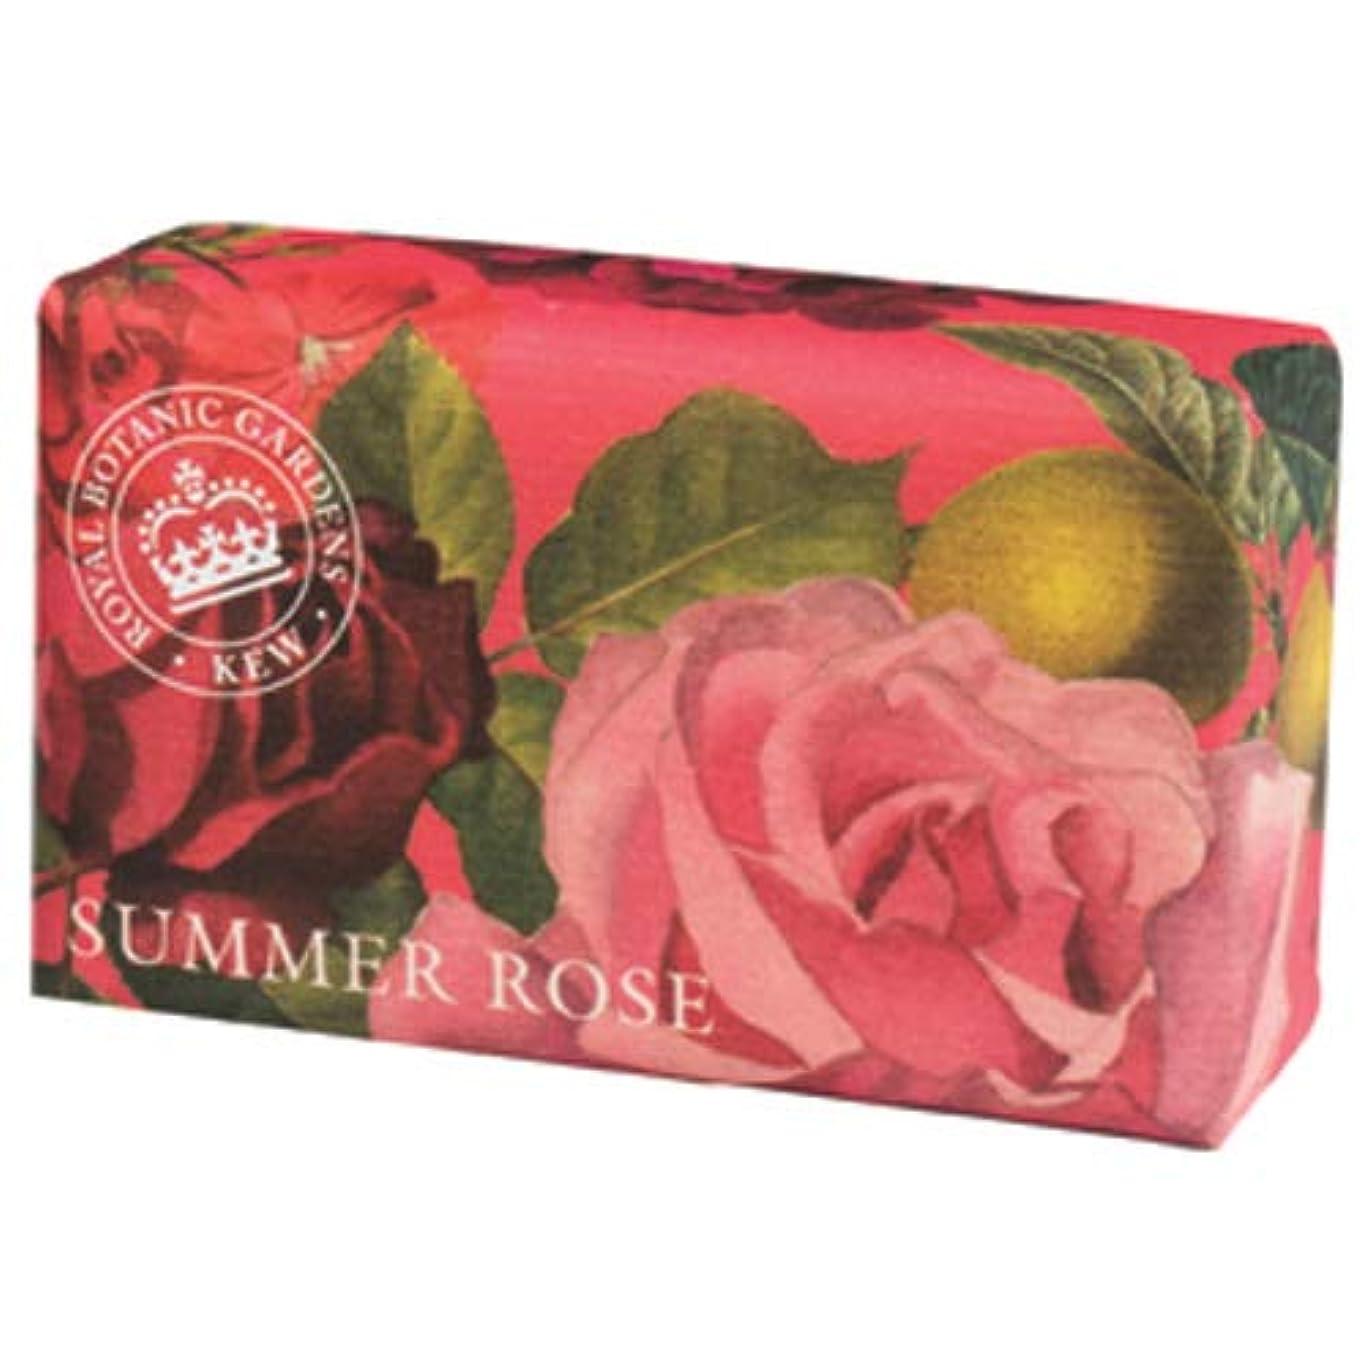 聖なる入るクラスEnglish Soap Company イングリッシュソープカンパニー KEW GARDEN キュー?ガーデン Luxury Shea Soaps シアソープ Summer Rose サマーローズ